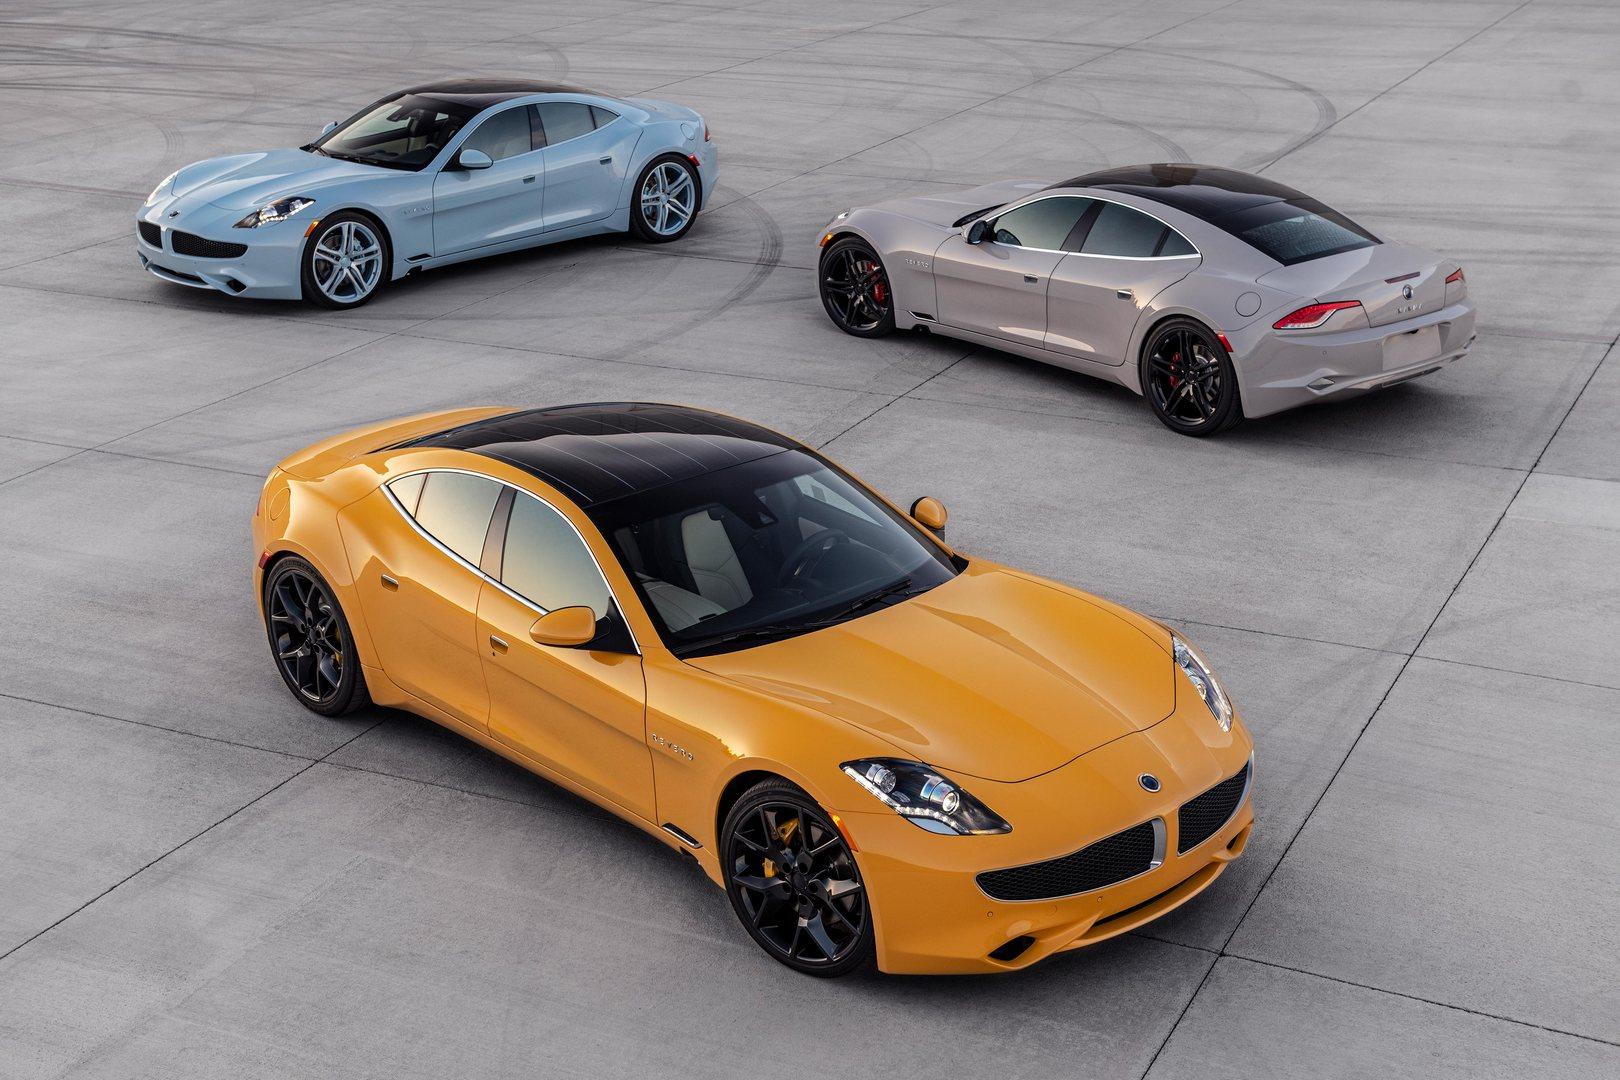 Калифорнийская компания Karma Automotive объявила о намерении до конца этого года вывести свои автомобили на ключевые европейские рынки: дилеры в Испании, Нидерландах, Португалии, Франции и Швеции уже найдены, а на очереди – Австрия, Германия и Швейцария.